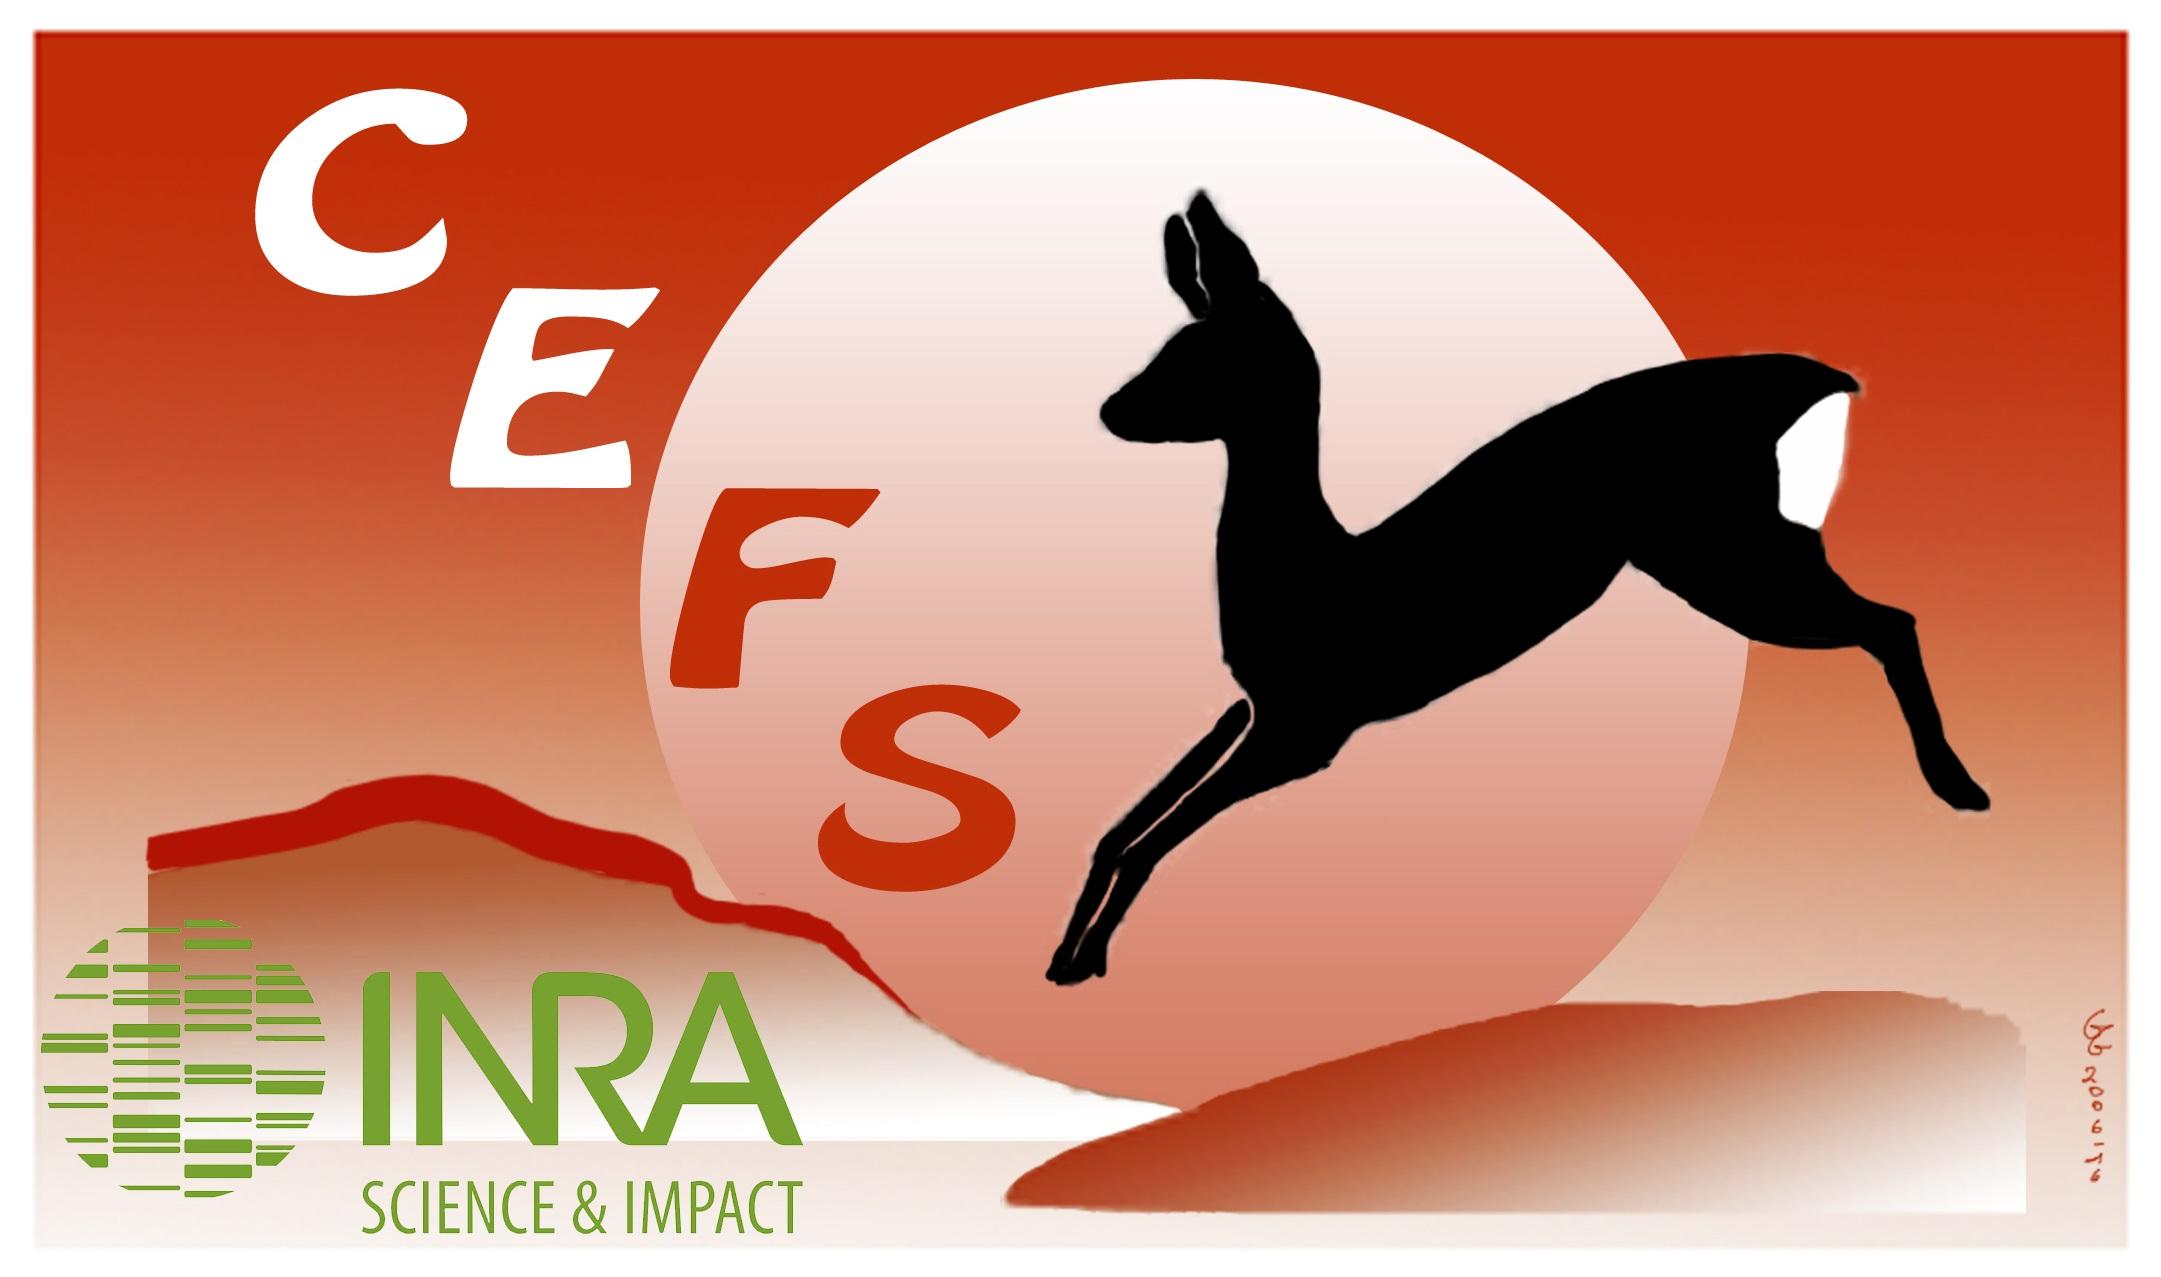 Logo CEFS 2016